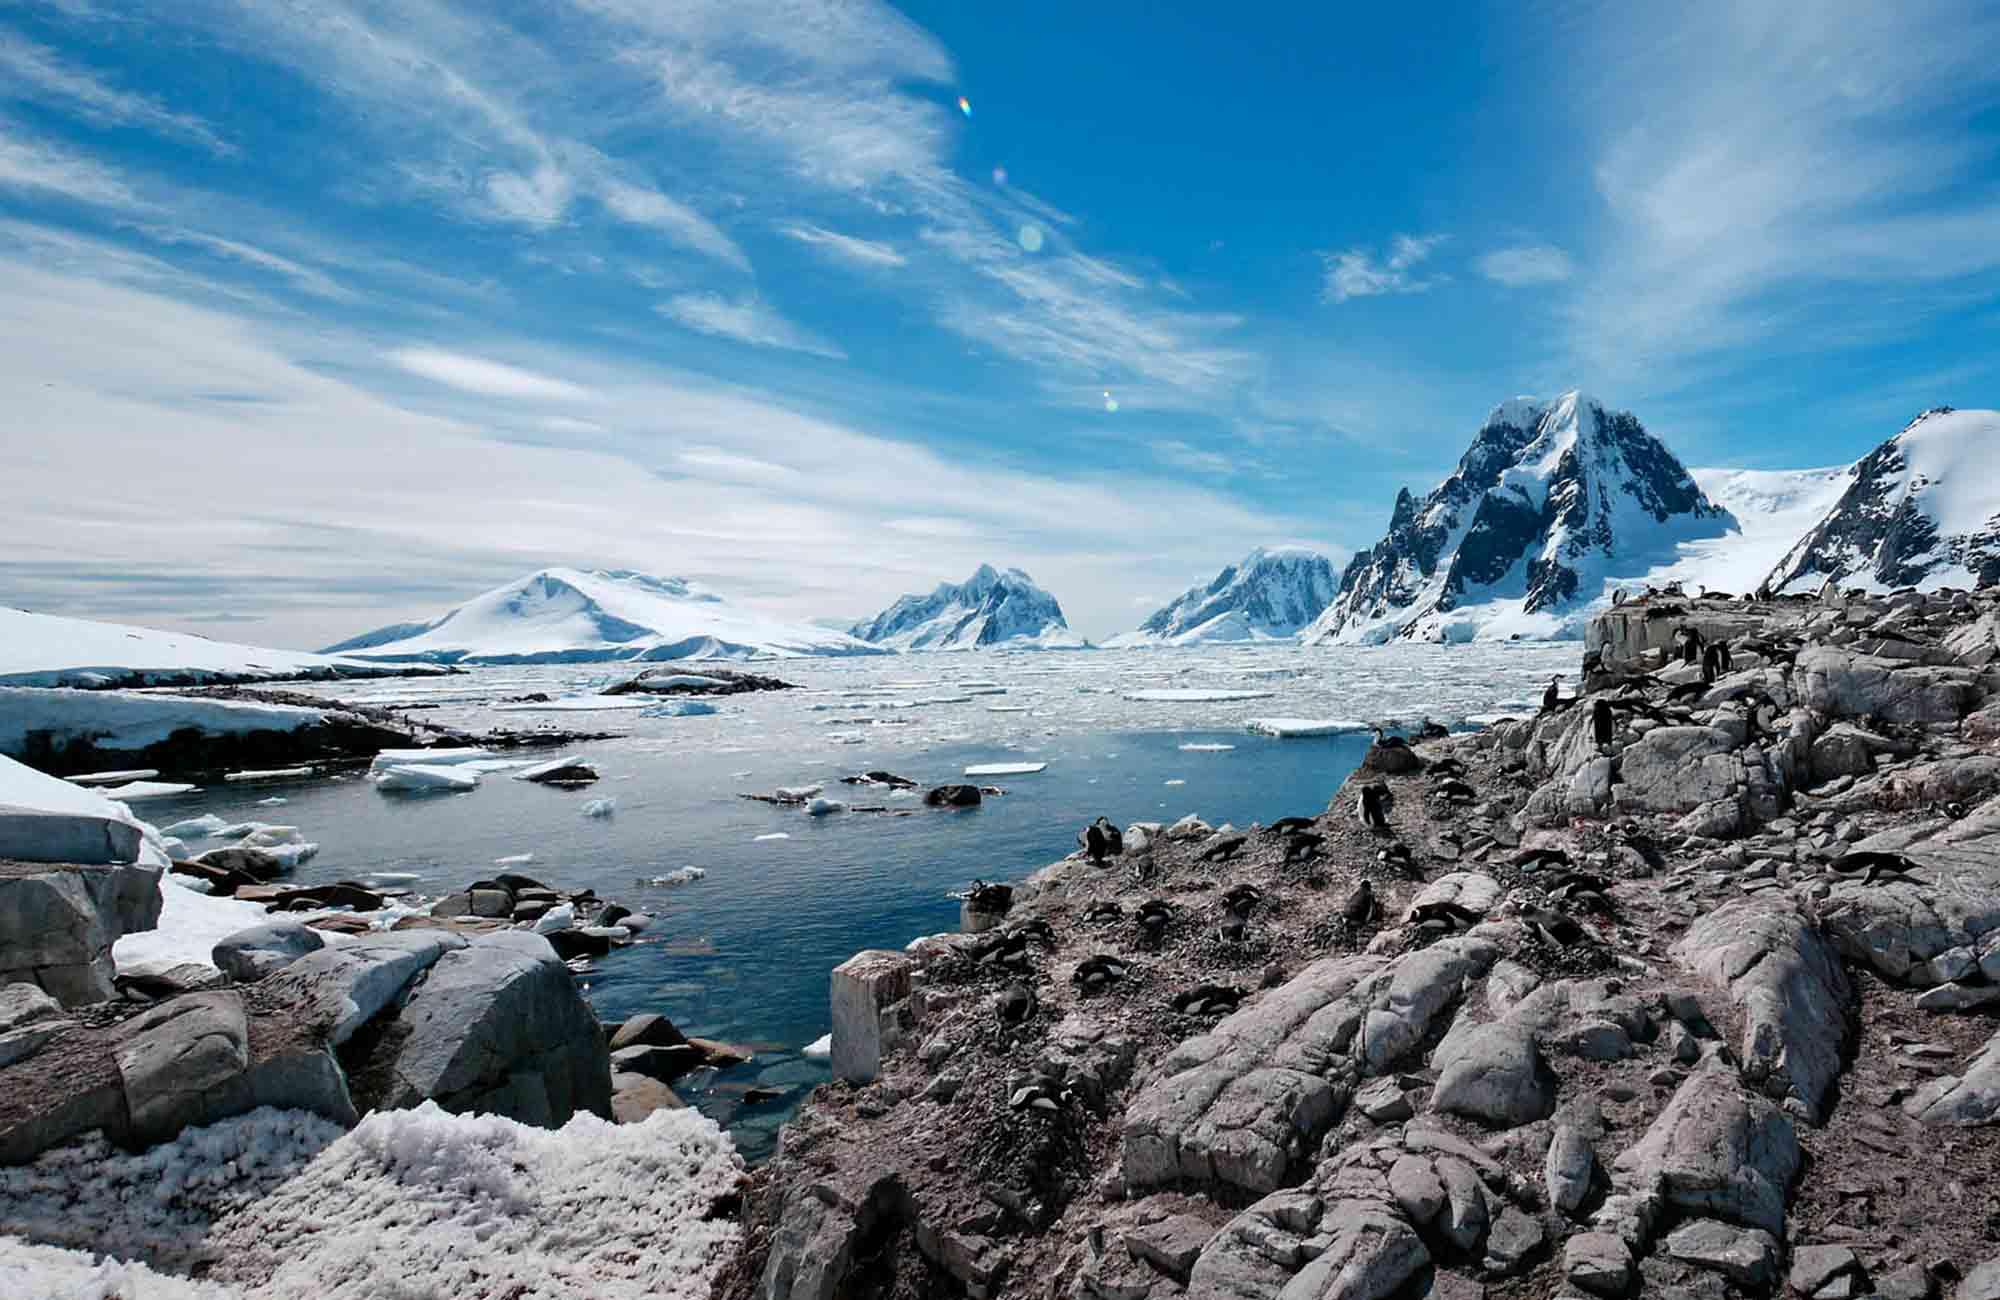 Voyage Antarctique - baie glaciaire - Amplitudes